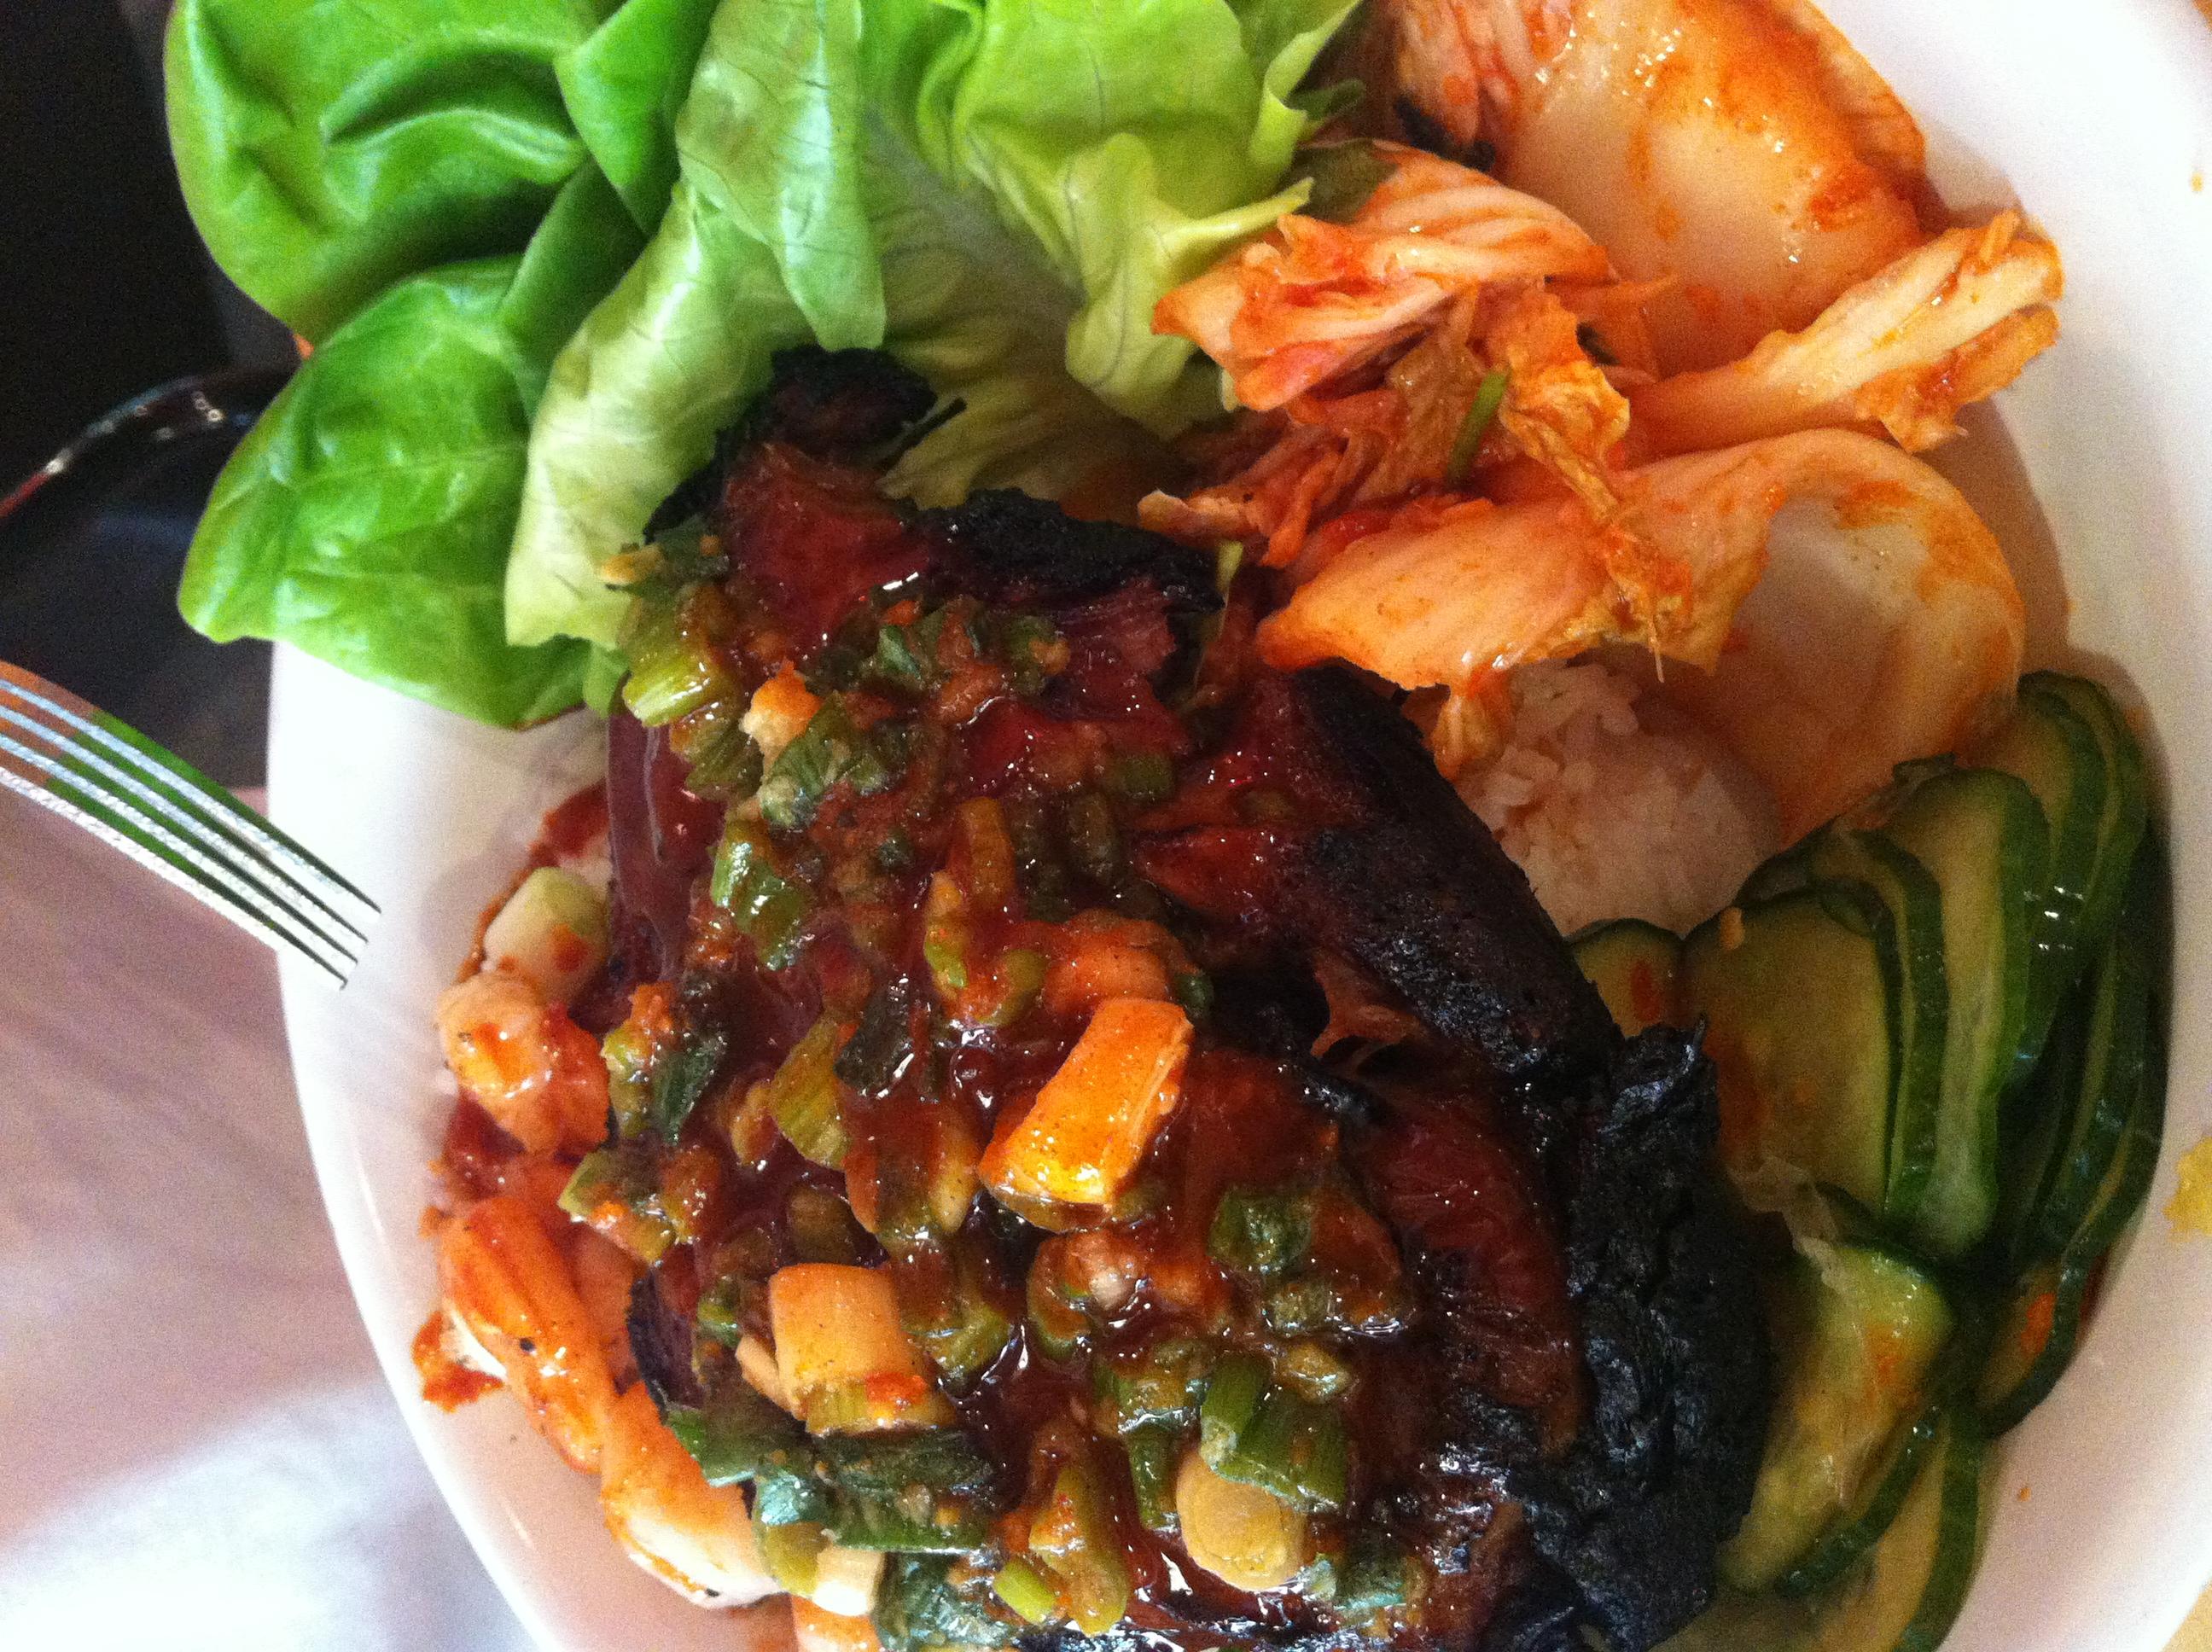 Bo Ssam : porco assado por 8 horas com molho picante, camarão grelhado, kimchi* e arroz jasmim.